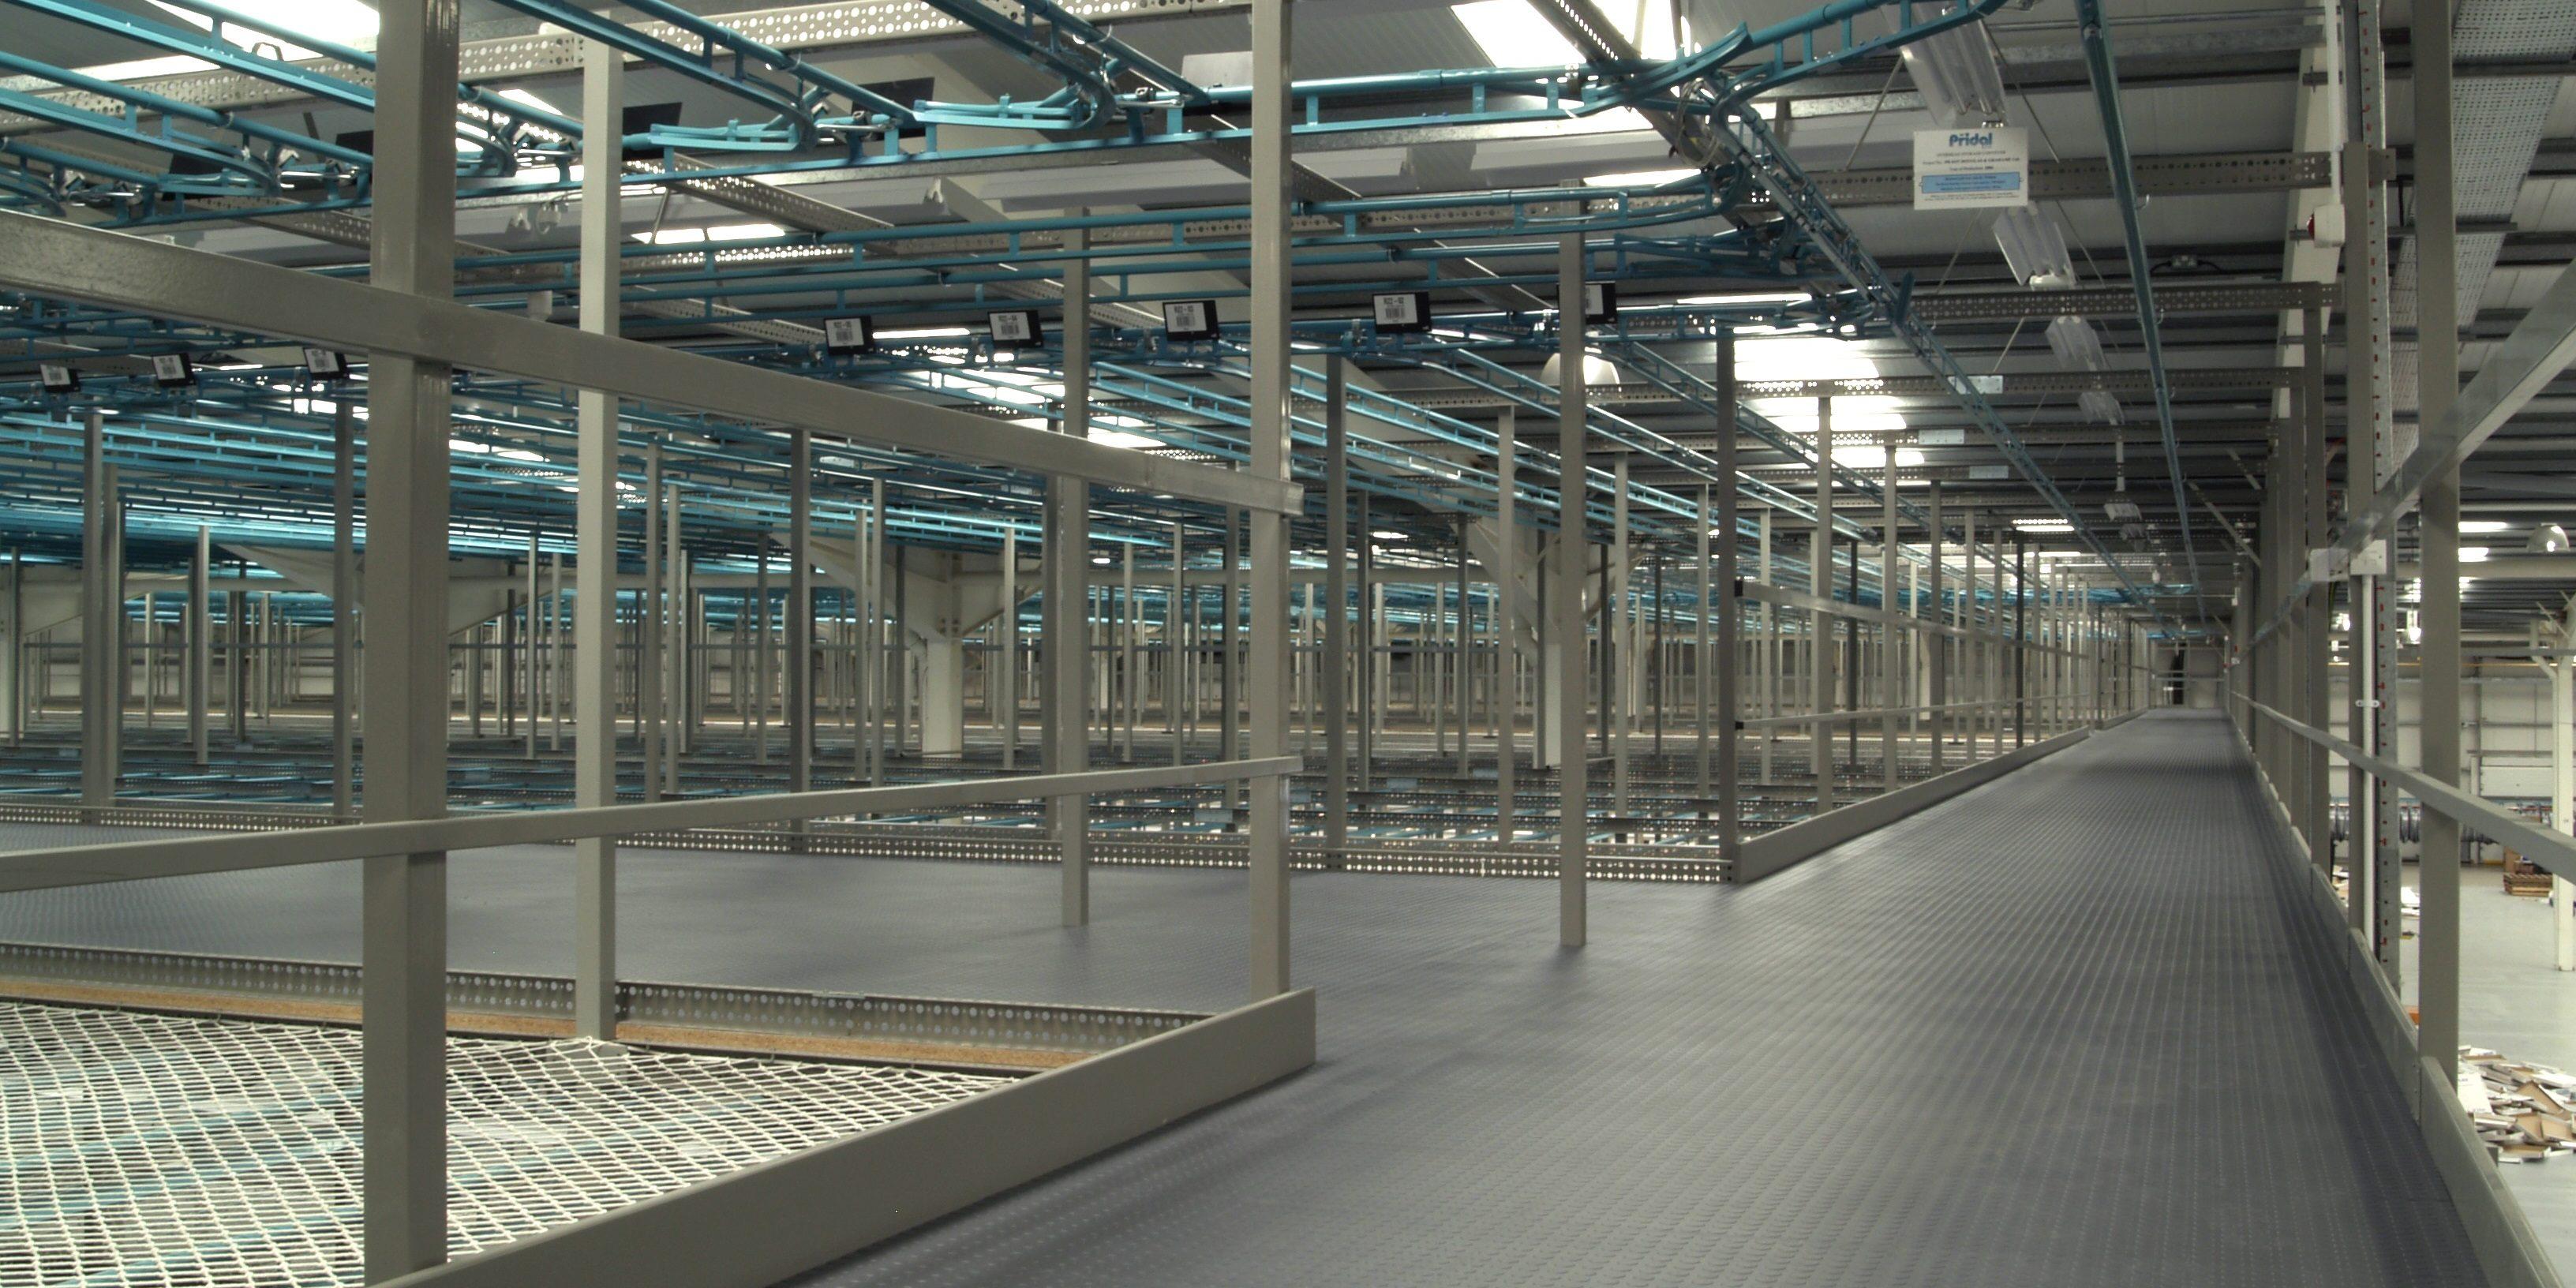 Quel Revetement De Sol travail dans un entrepôt : quel sol choisir ? - lock-tile